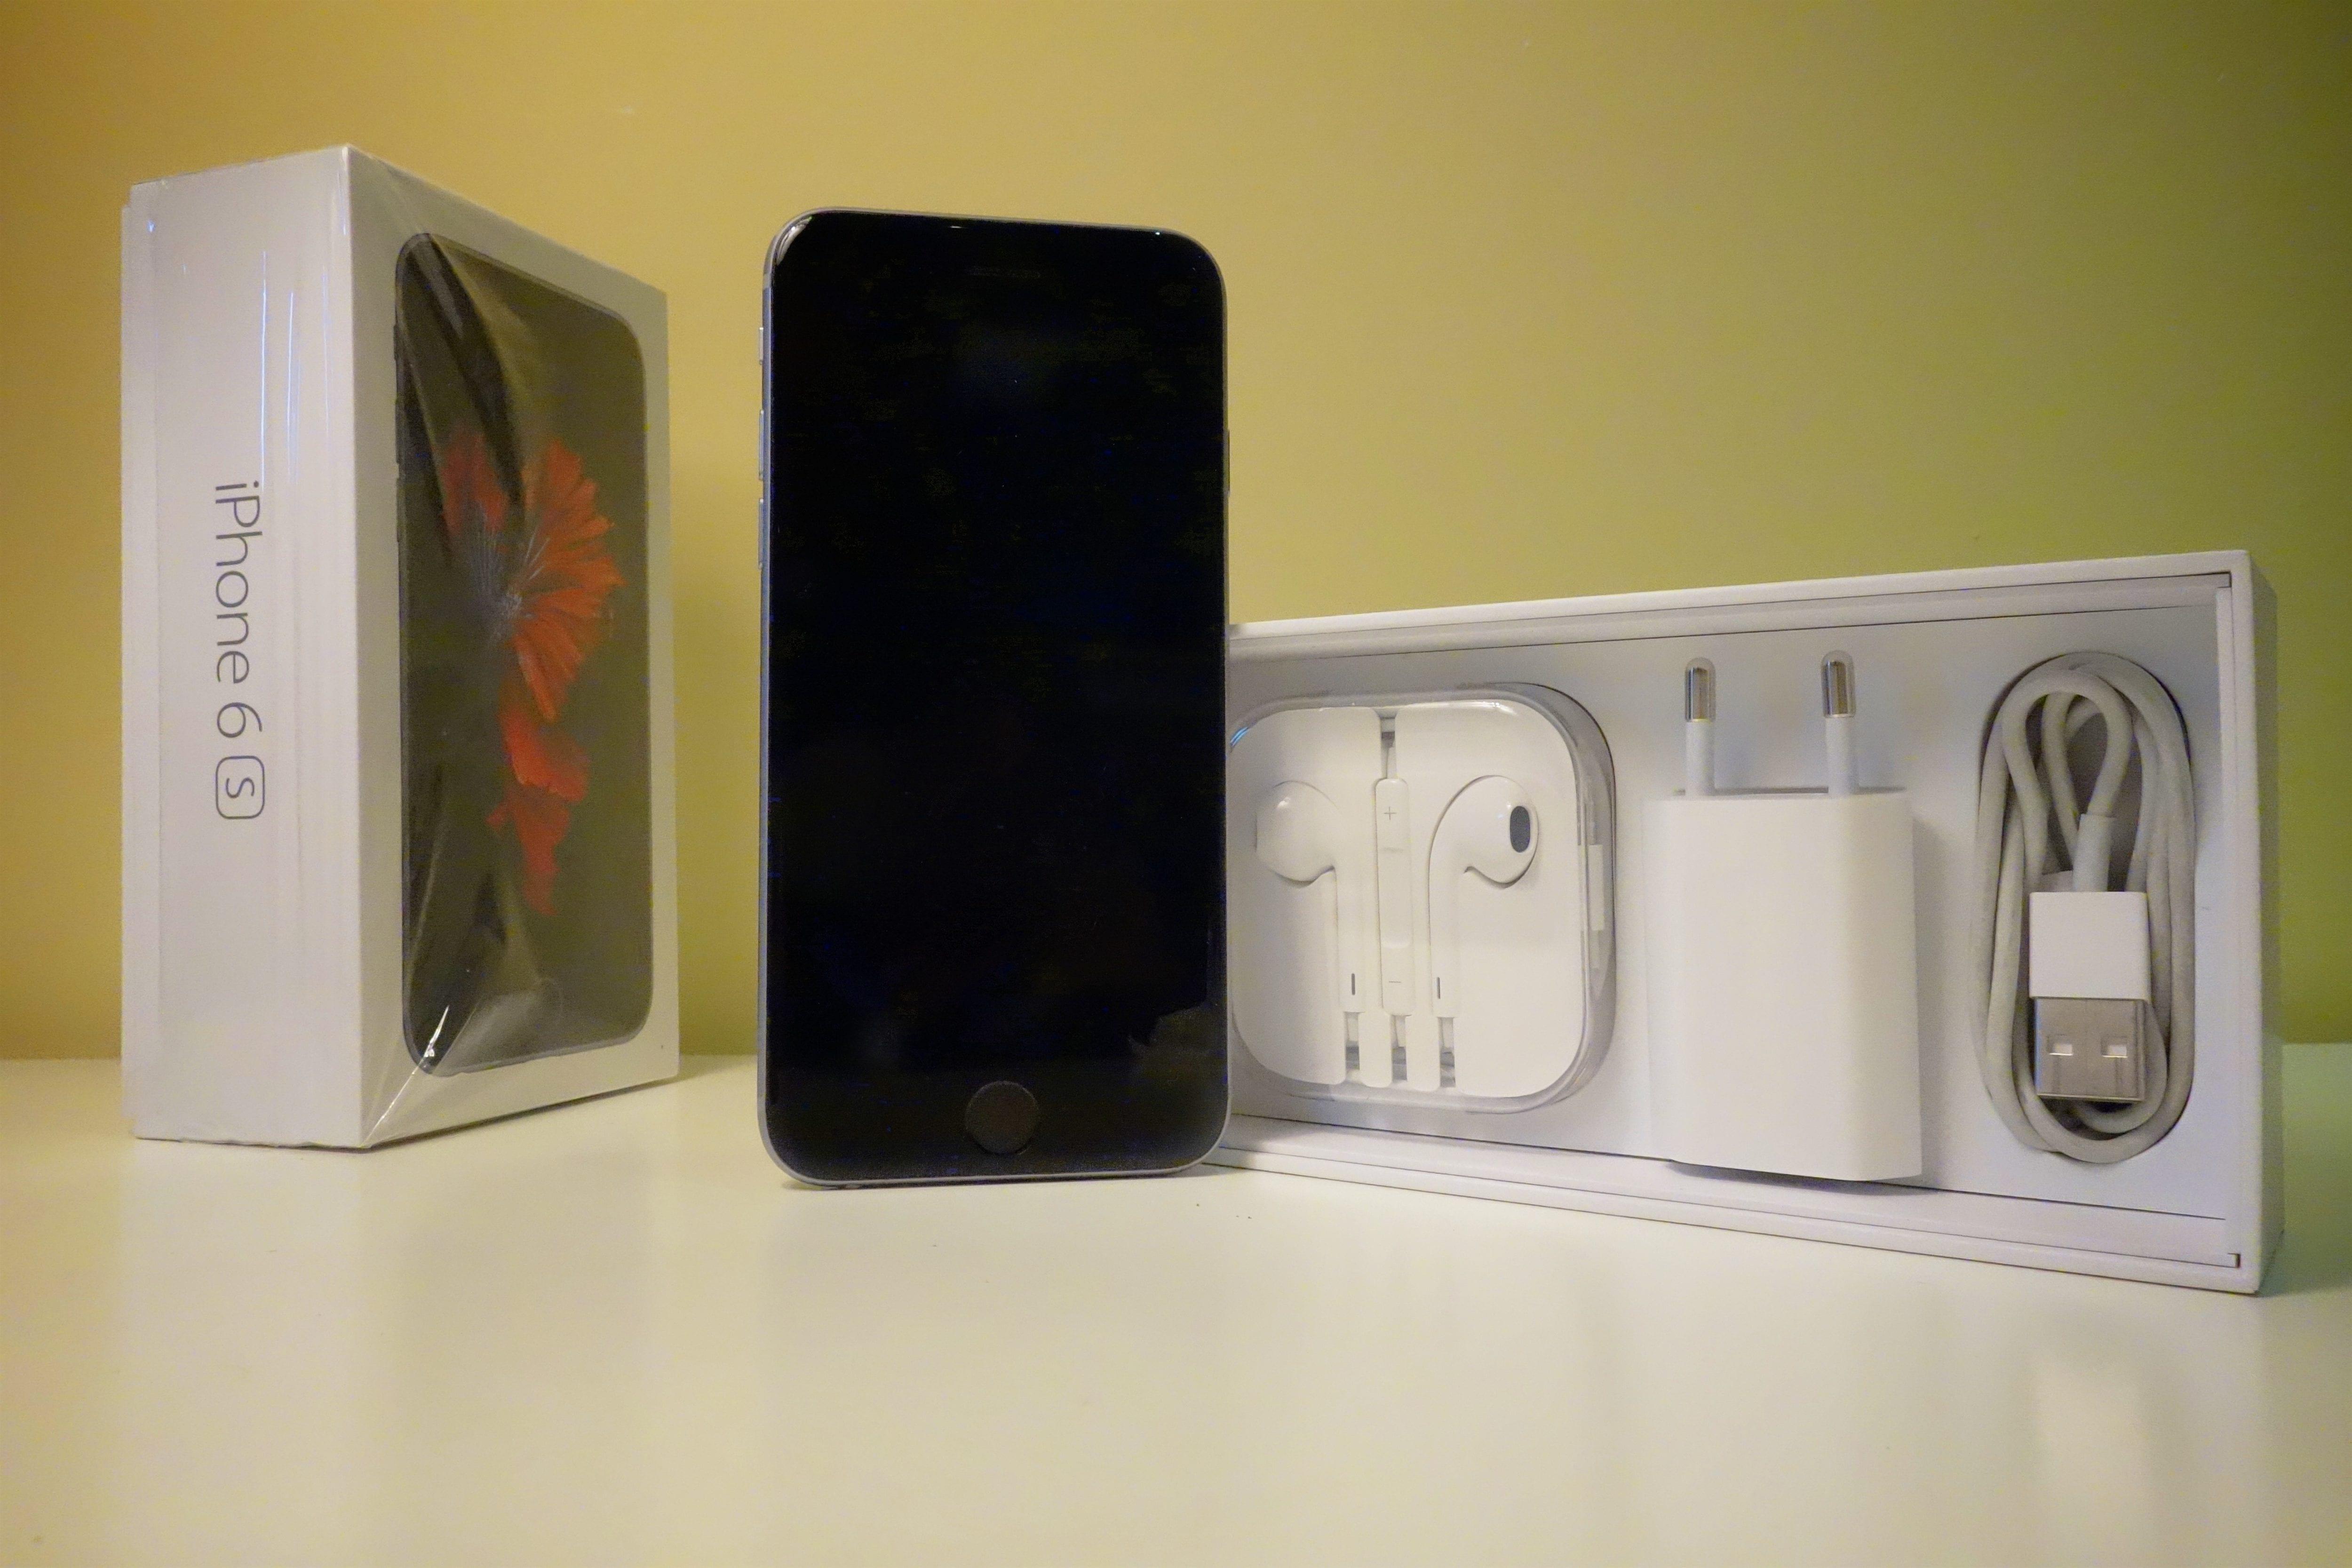 Zobraziť inzerát ~ MacBlog.sk - iPhone - Predám Apple iPhone 6s Gray ... 703a233b72d